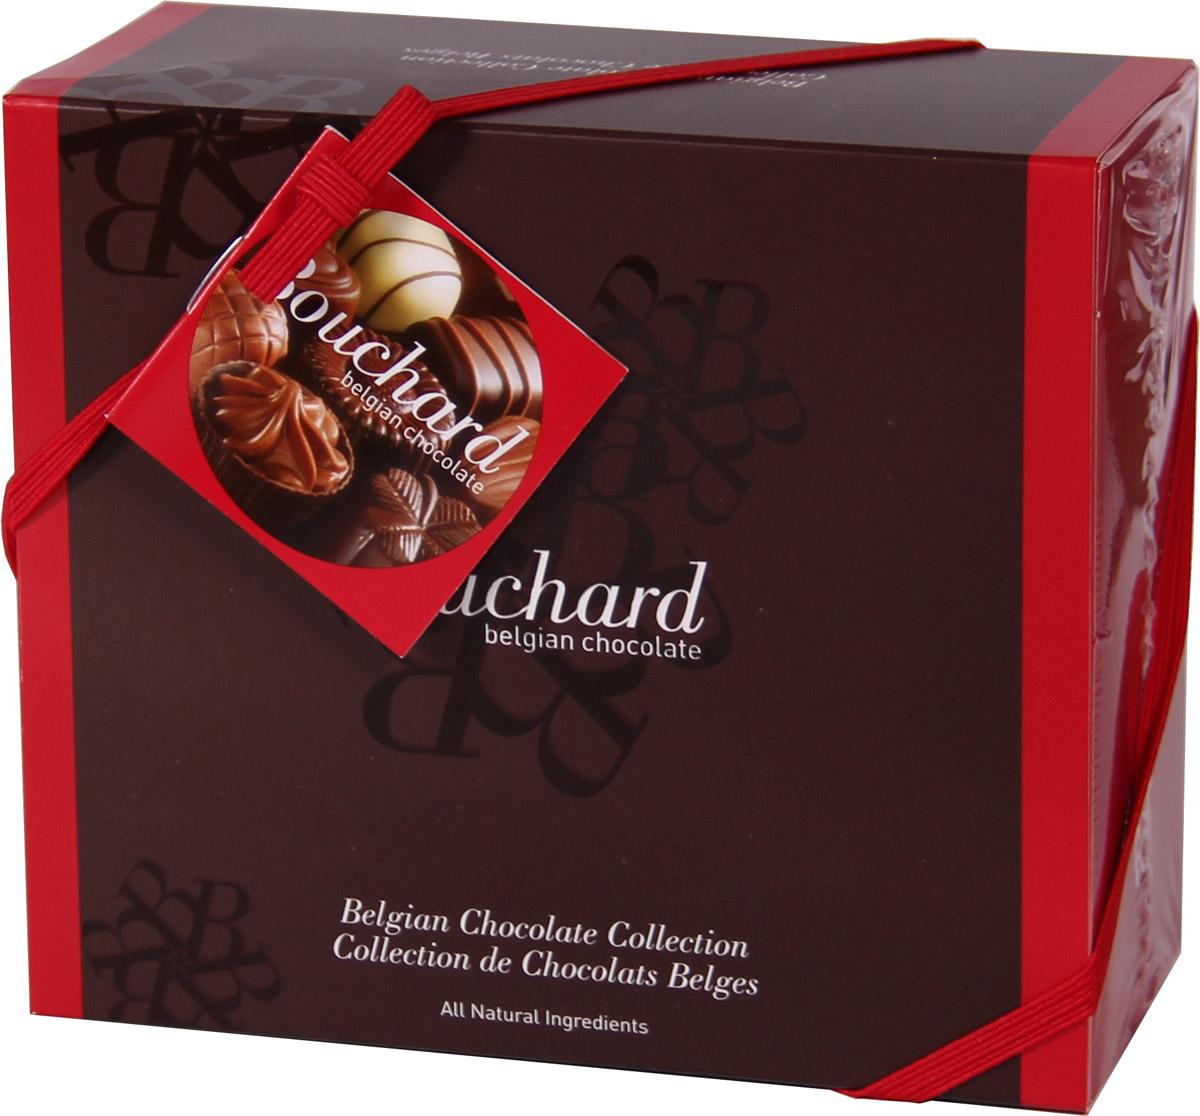 Bouchard Ассорти Премиум Бельгийская Шоколадная коллекция, 250 г50580101Восхитительные бельгийские шоколадные конфеты BOUCHARD L'ESCAUT Ассорти Премиум произведут впечатление на самого разборчивого знатока шоколада. Конфеты Bouchard наполнены нежнейшим кремом с добавлением миндаля и фундука. Покрыты изысканным бельгийским шоколадом. Отличаются ароматом ванили и насыщенным вкусом с притягательной терпкостью. Бельгийцы - непревзойденные мастера в приготовлении шоколада - считают это лакомство лучшим подарком. Нежный, буквально тающий во рту, он доставит удовольствие всем любителям сладкого.